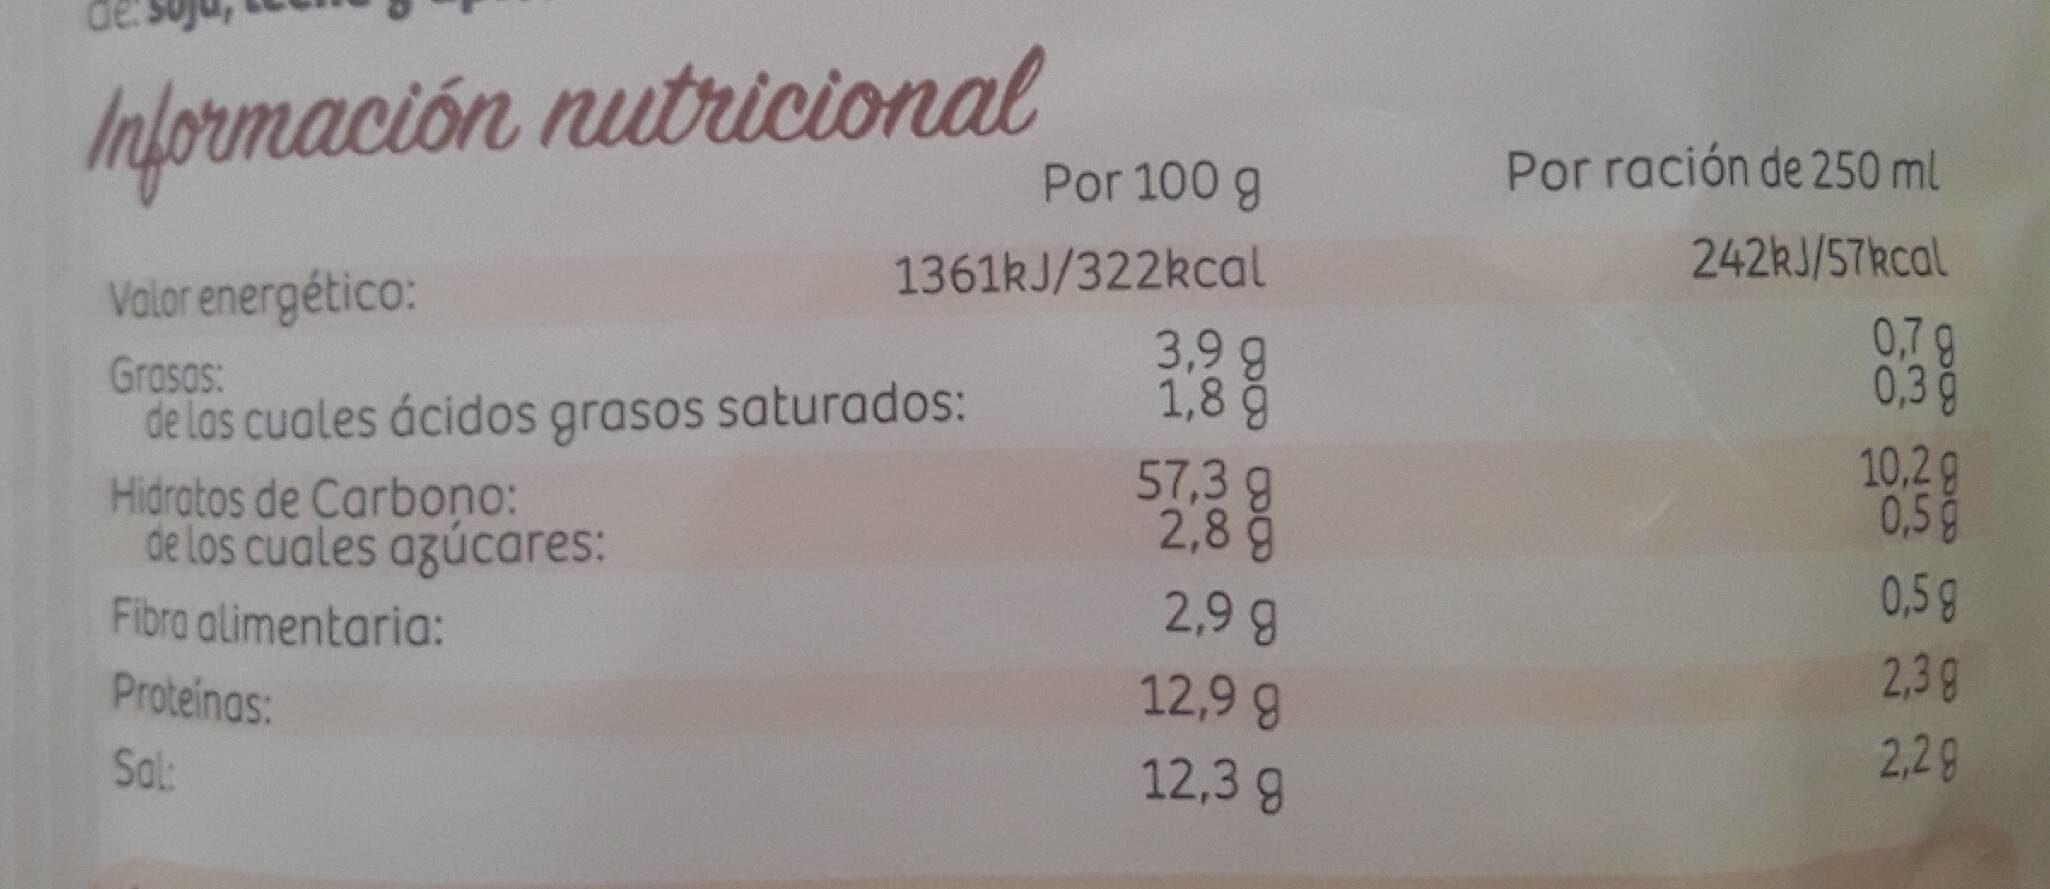 Sopa De Pollo Con Fideos Finos Deshidratada - Informations nutritionnelles - es